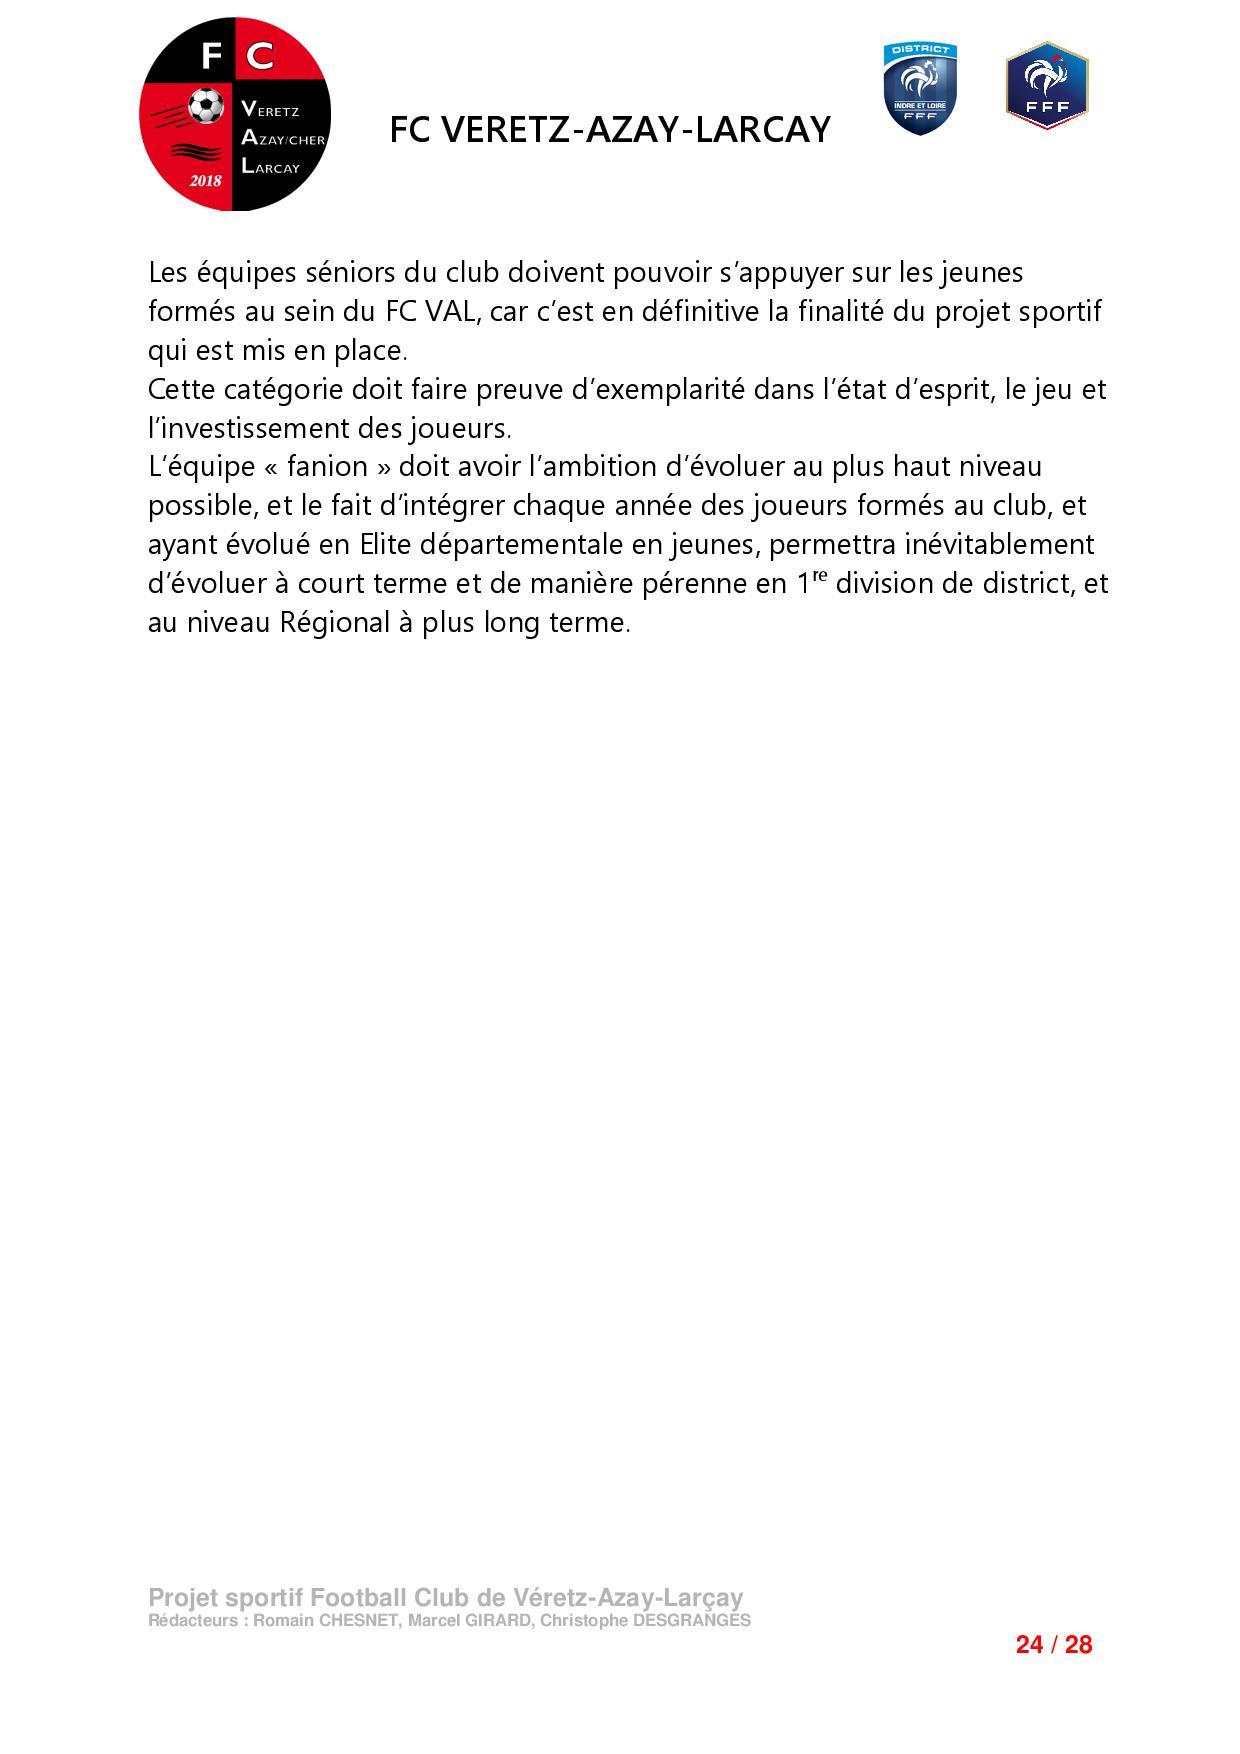 projet_sportif_2017-202024.jpg